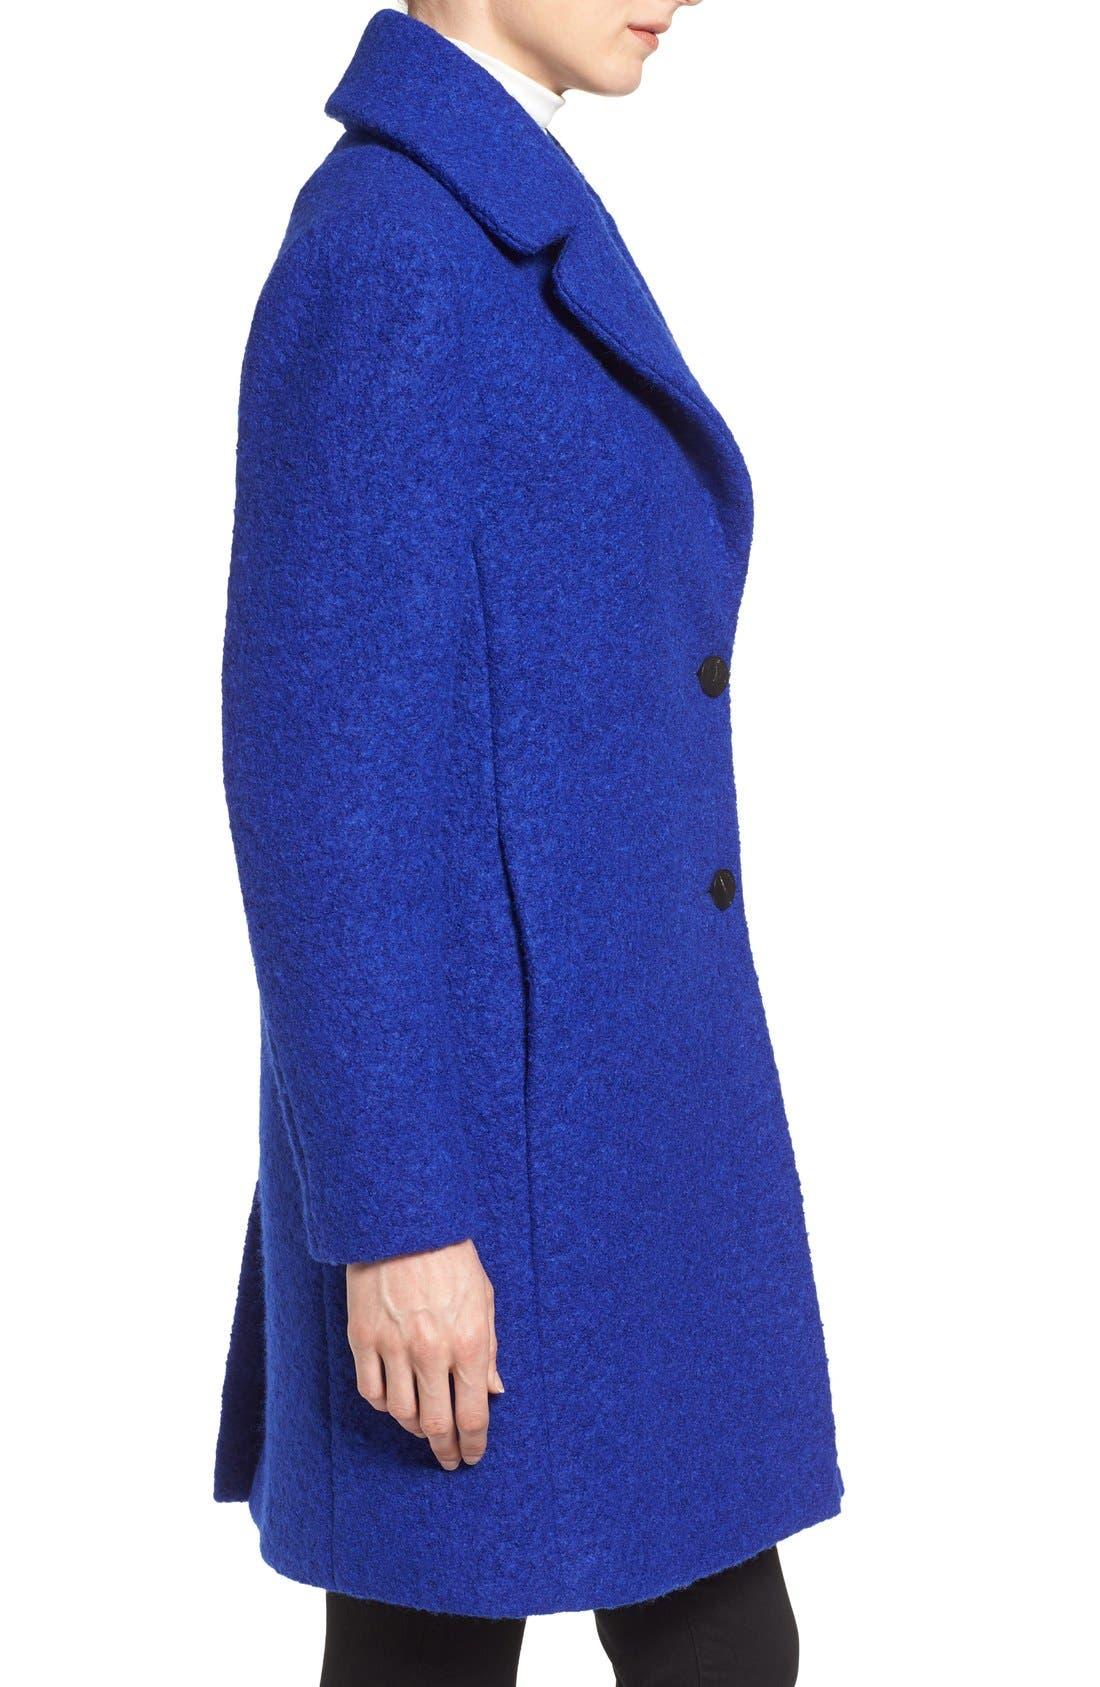 Alternate Image 3  - Tahari 'Tessa' Boiled Wool Blend Coat